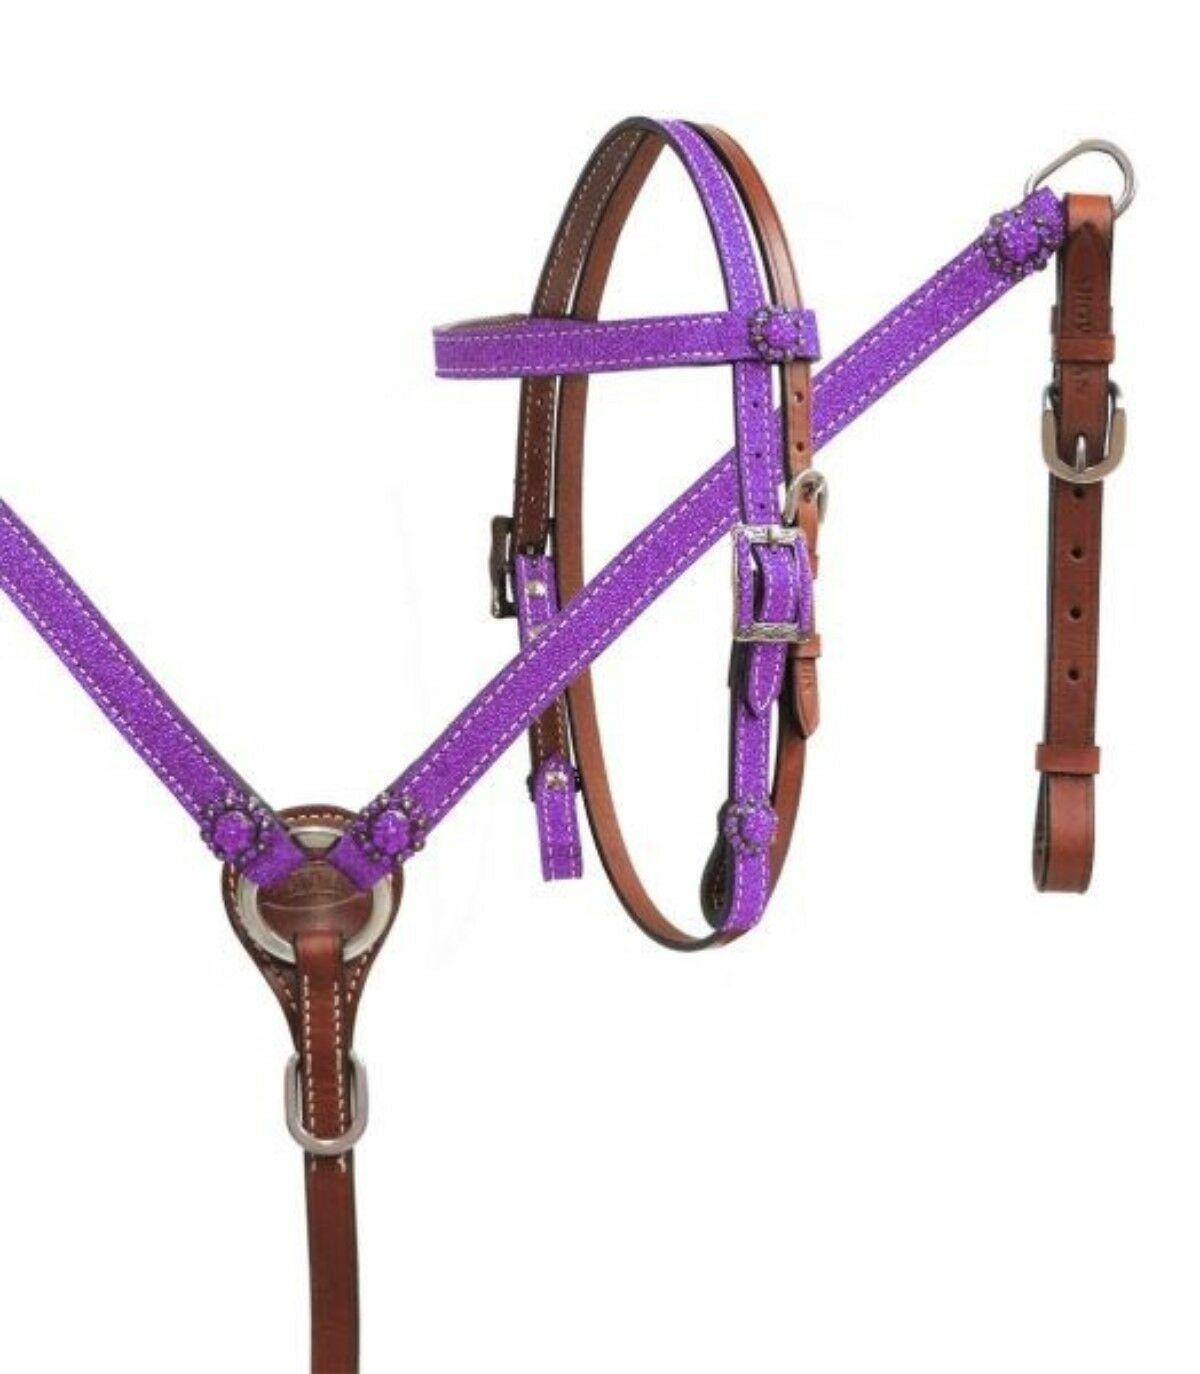 Недоуздок для лошади: как сделать или связать веревочный недоуздок своими руками, схема или таблица с его размерами для этого